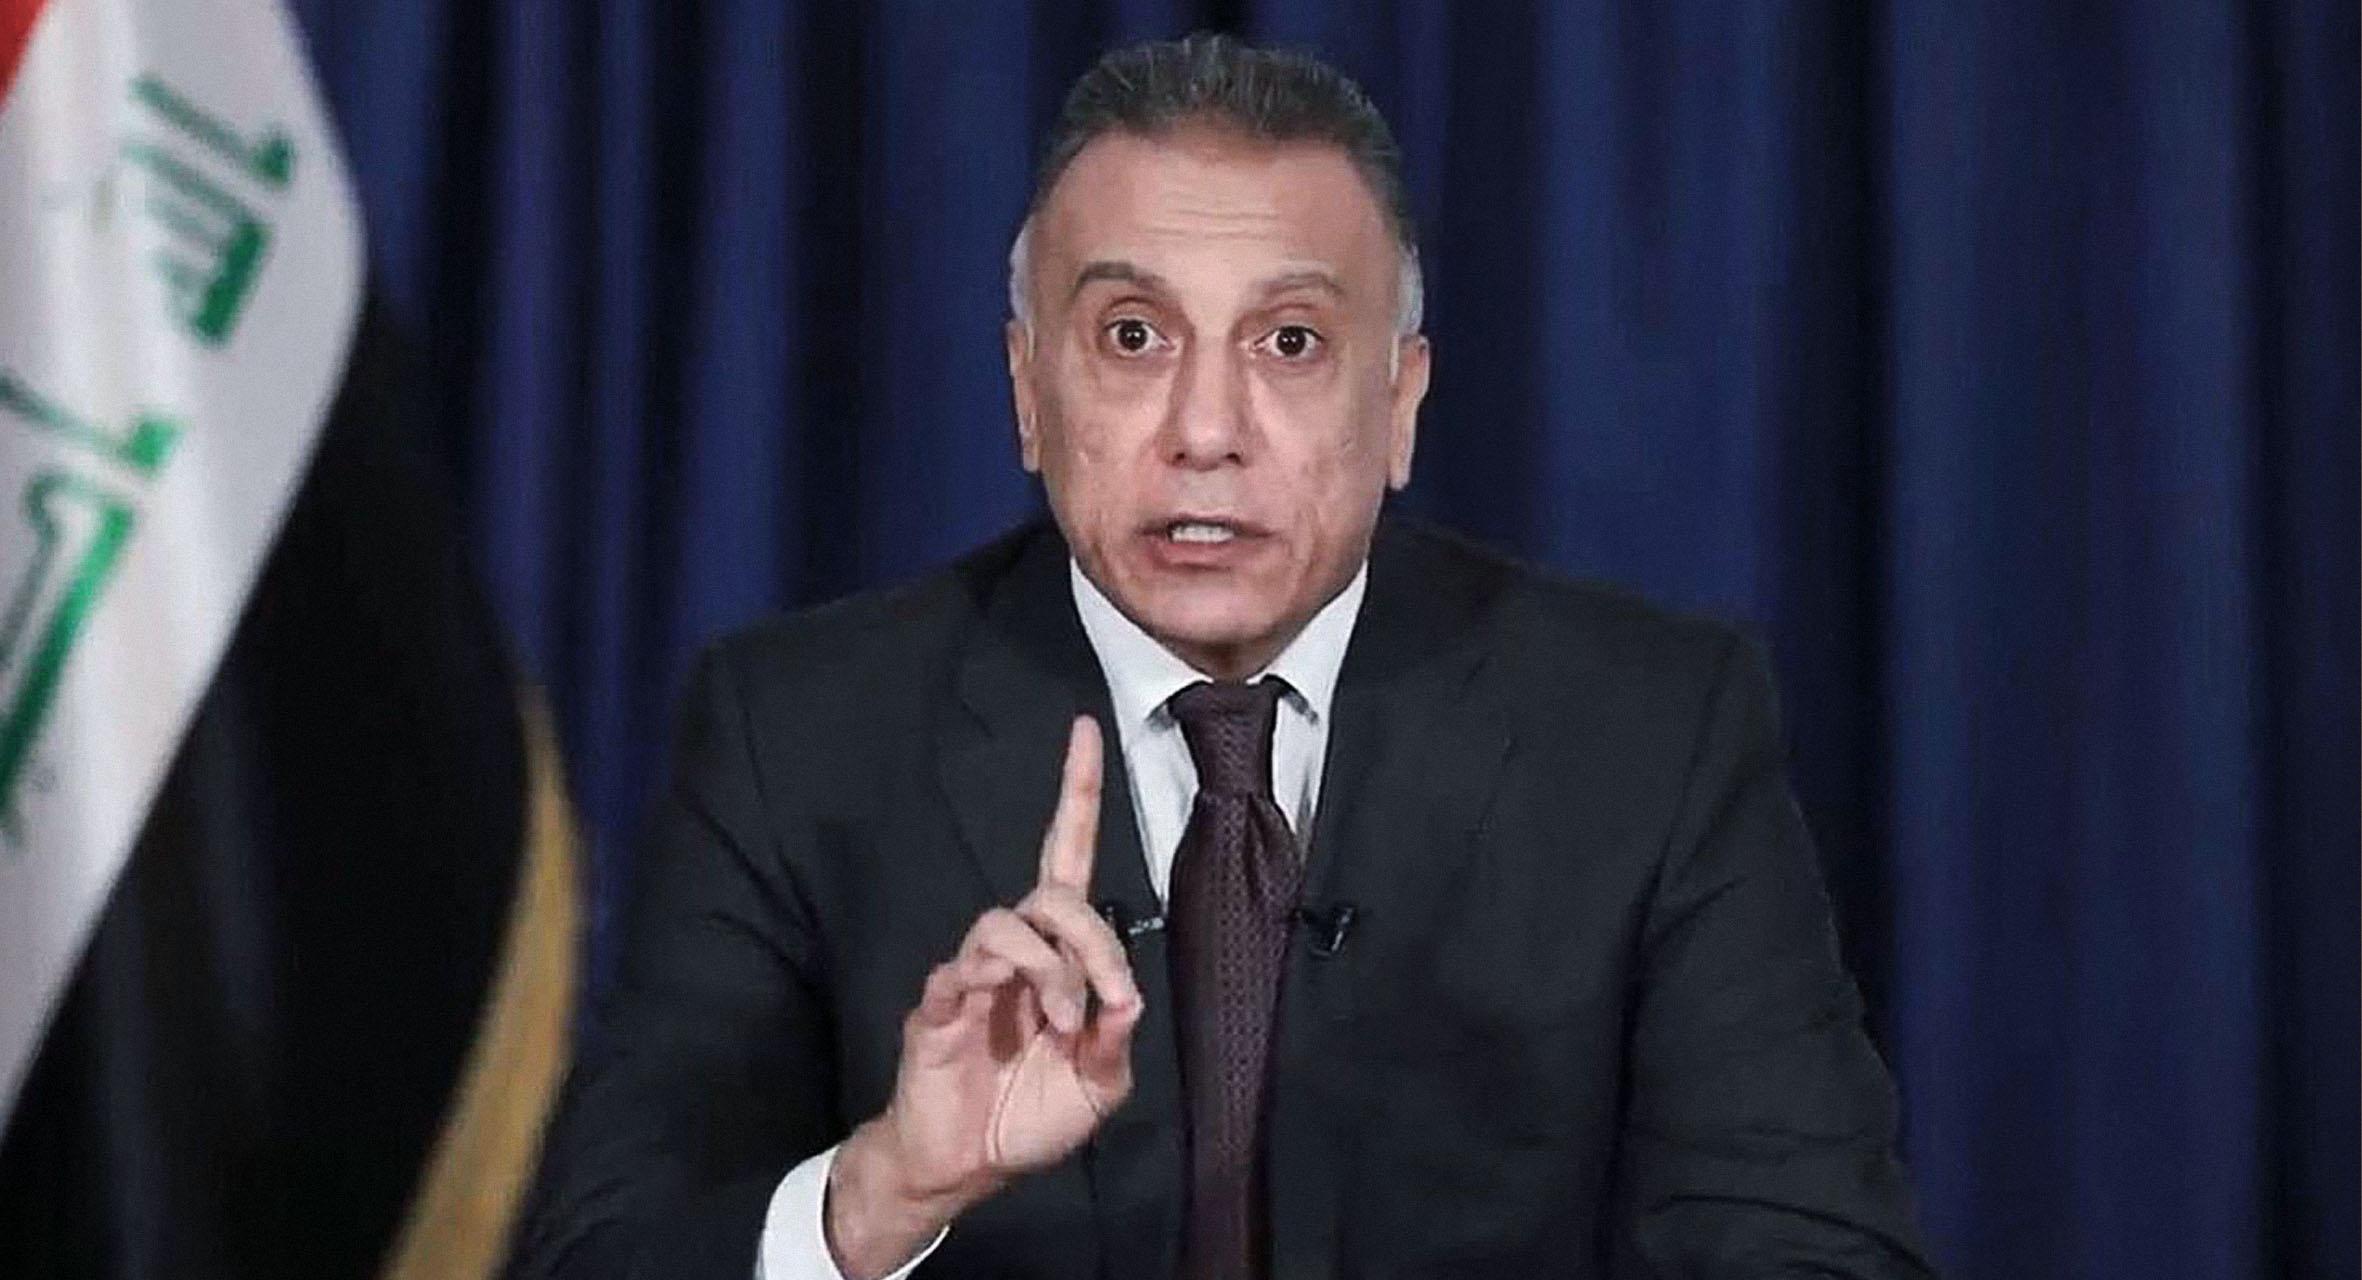 صورة رئيس الوزراء العراقي يتعهد بعدم تكرار انفجارَي بغداد بالذات ولكنه لا يضمن عدم وقوع انفجارات أكبر أو أصغر